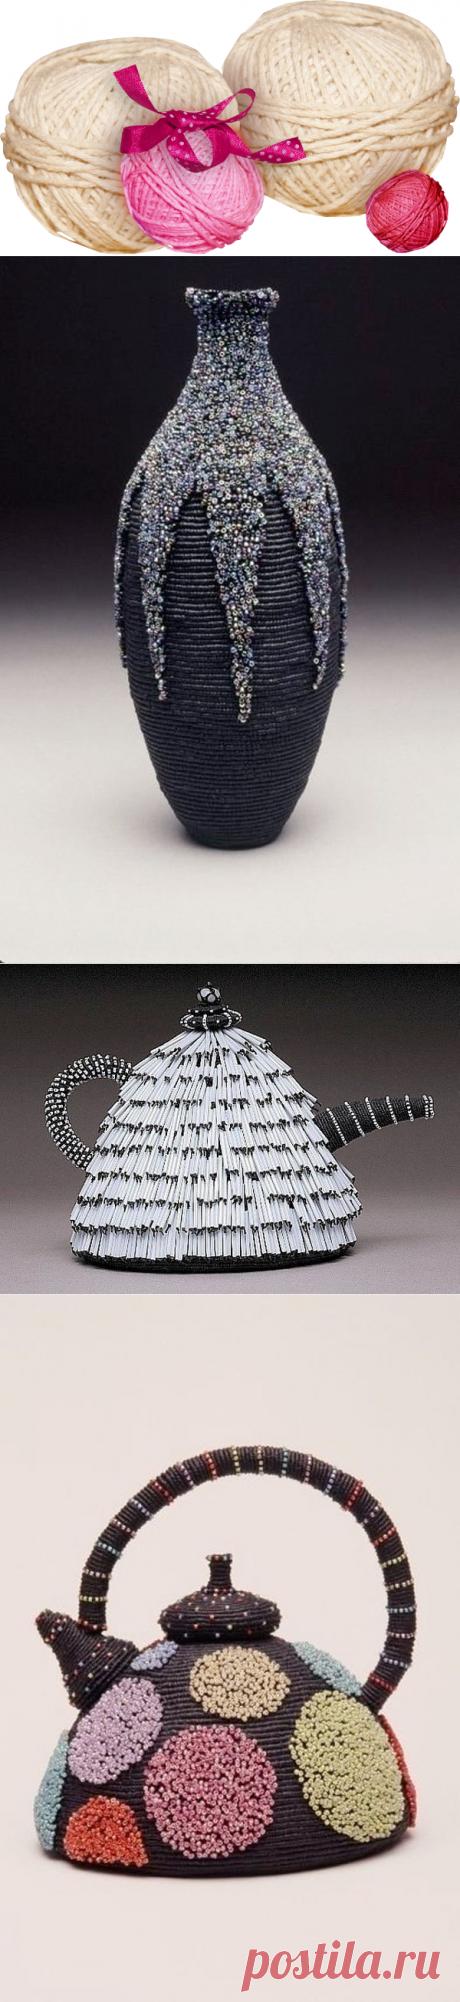 Las esculturas insólitas en la técnica del macramé